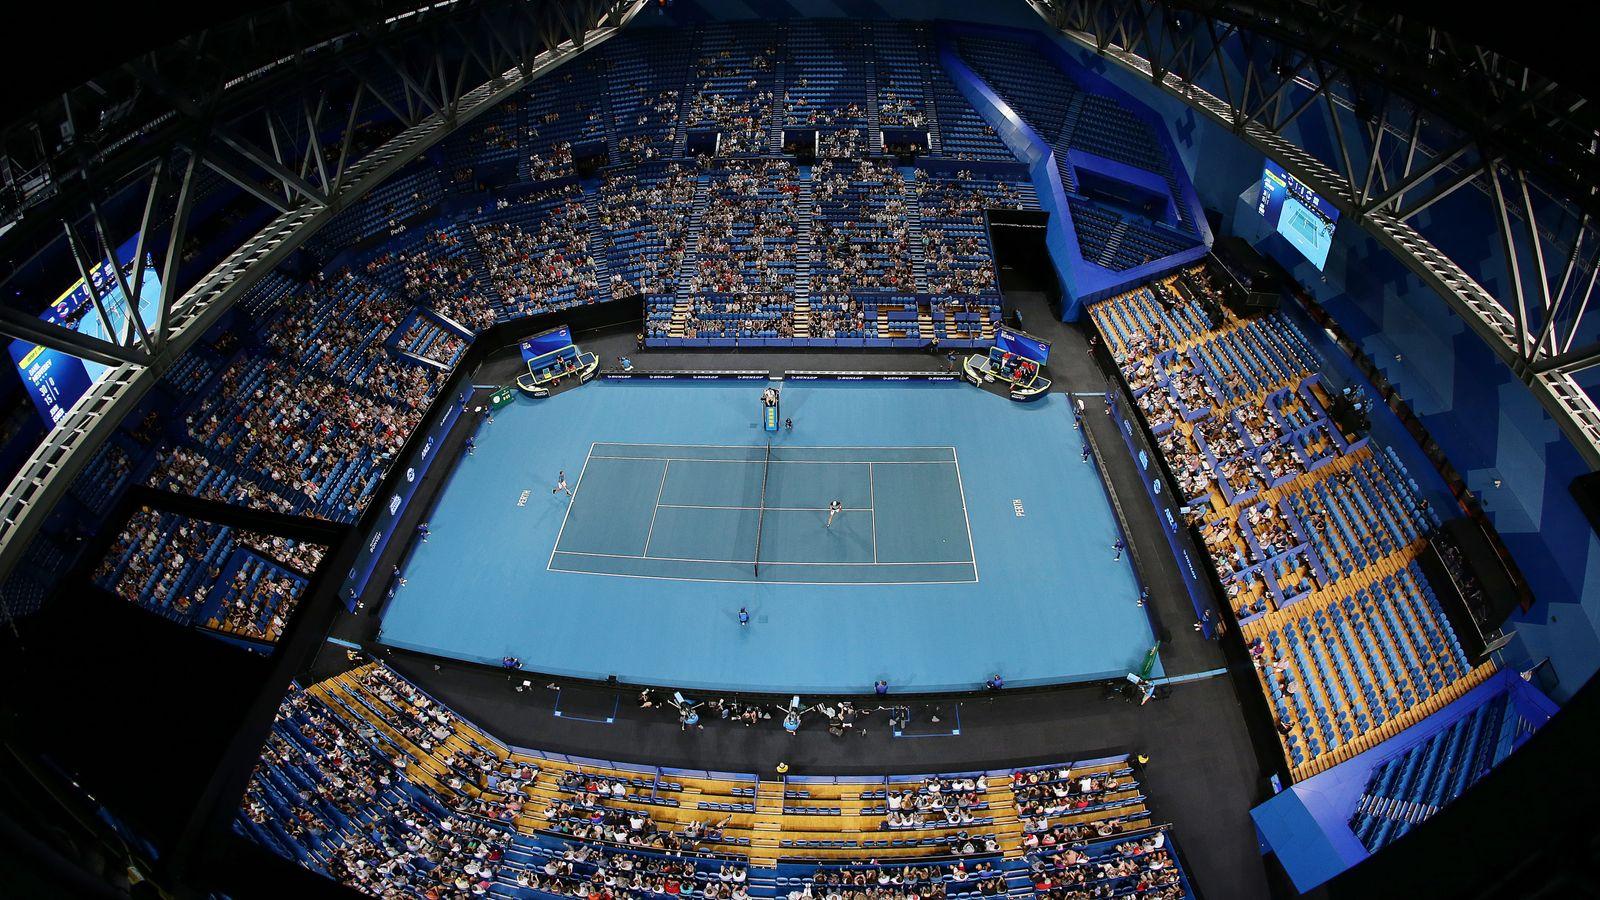 Tennis Association extends suspension until August